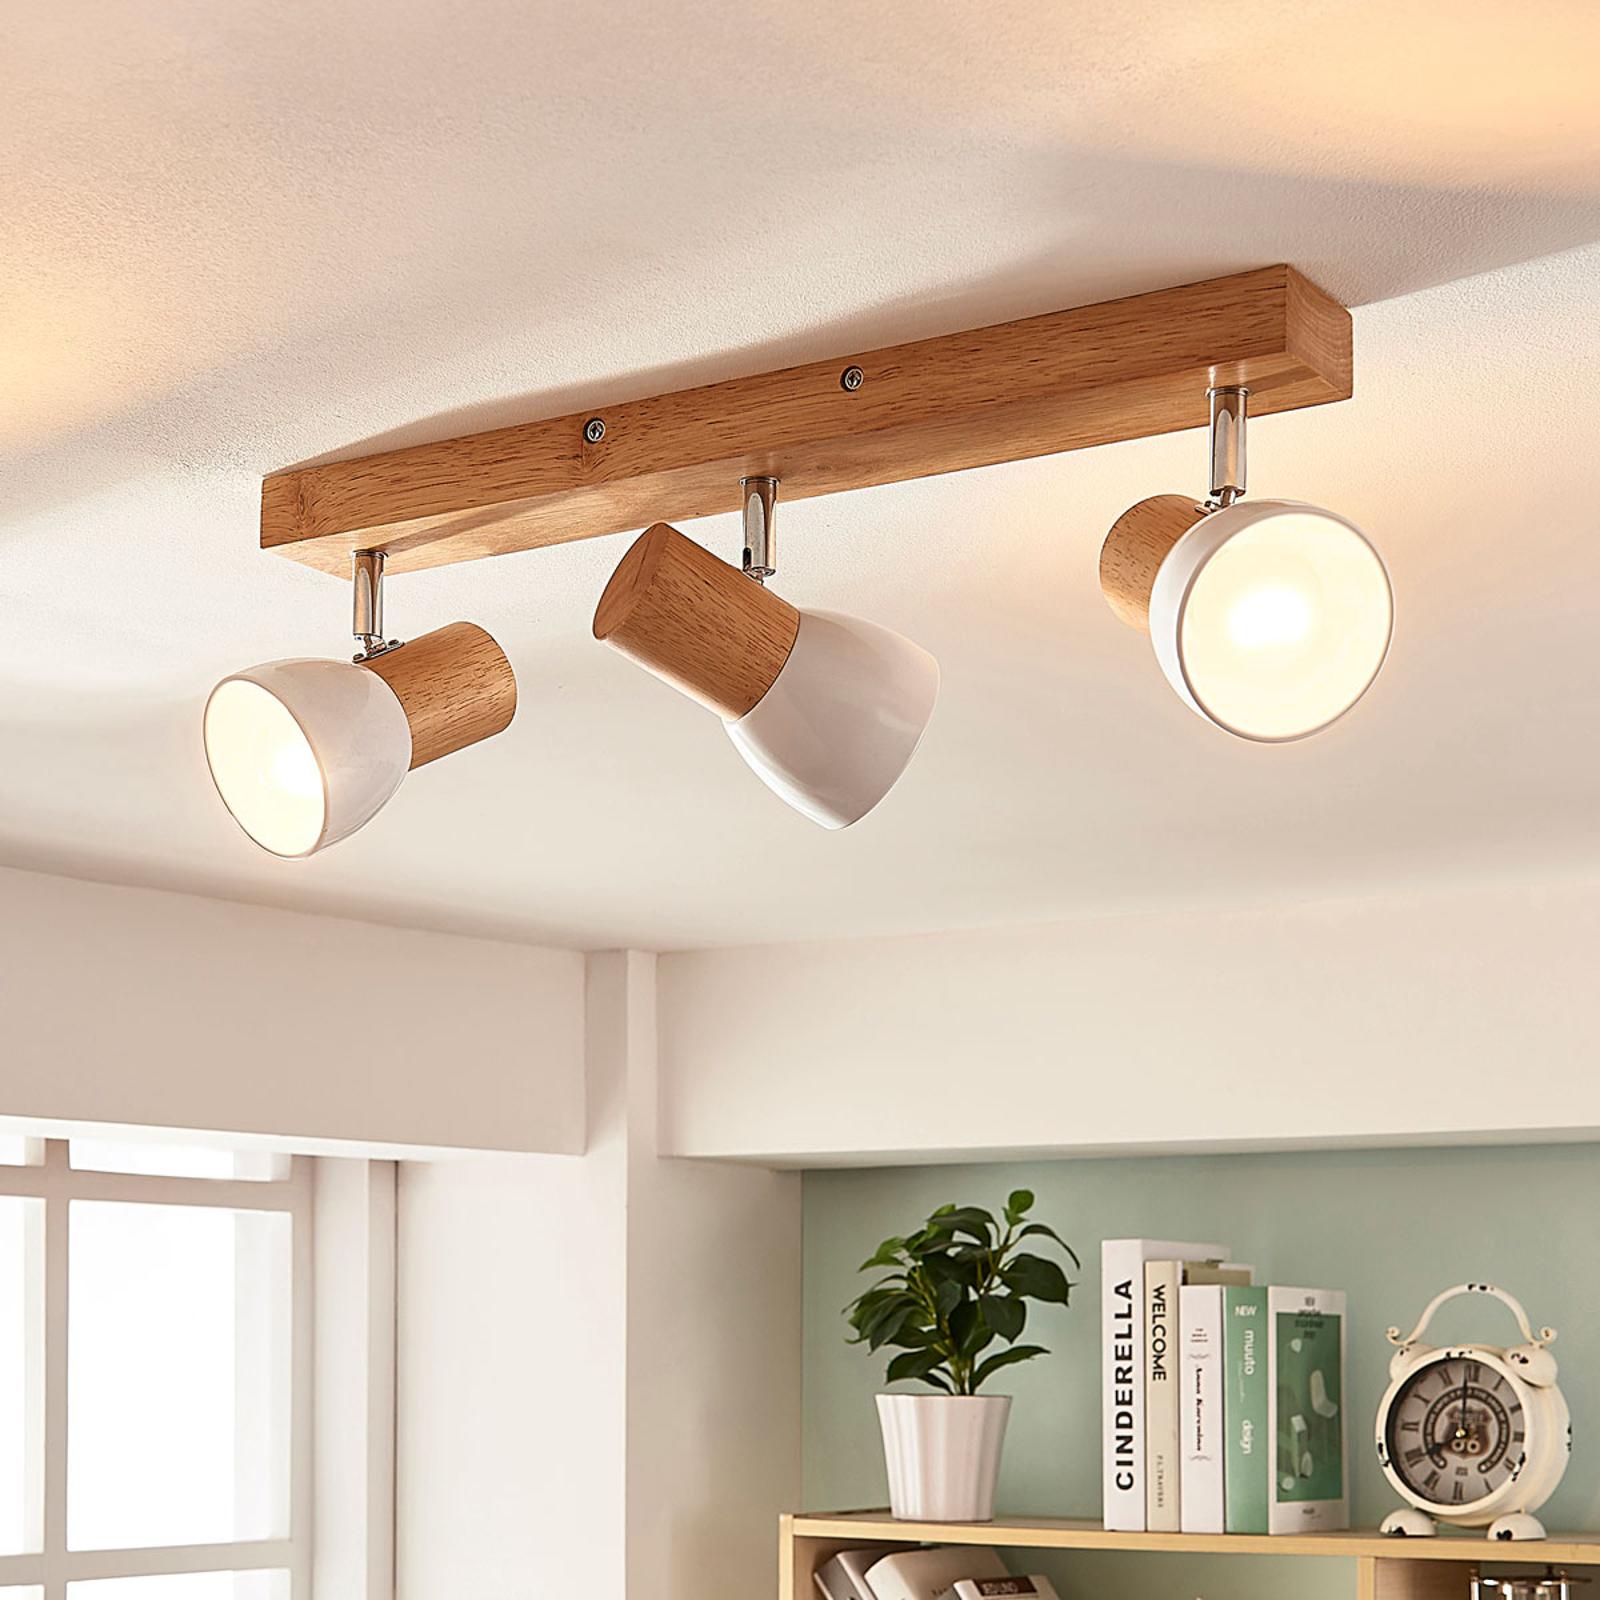 Holz-Deckenlampe Thorin, dreiflammig